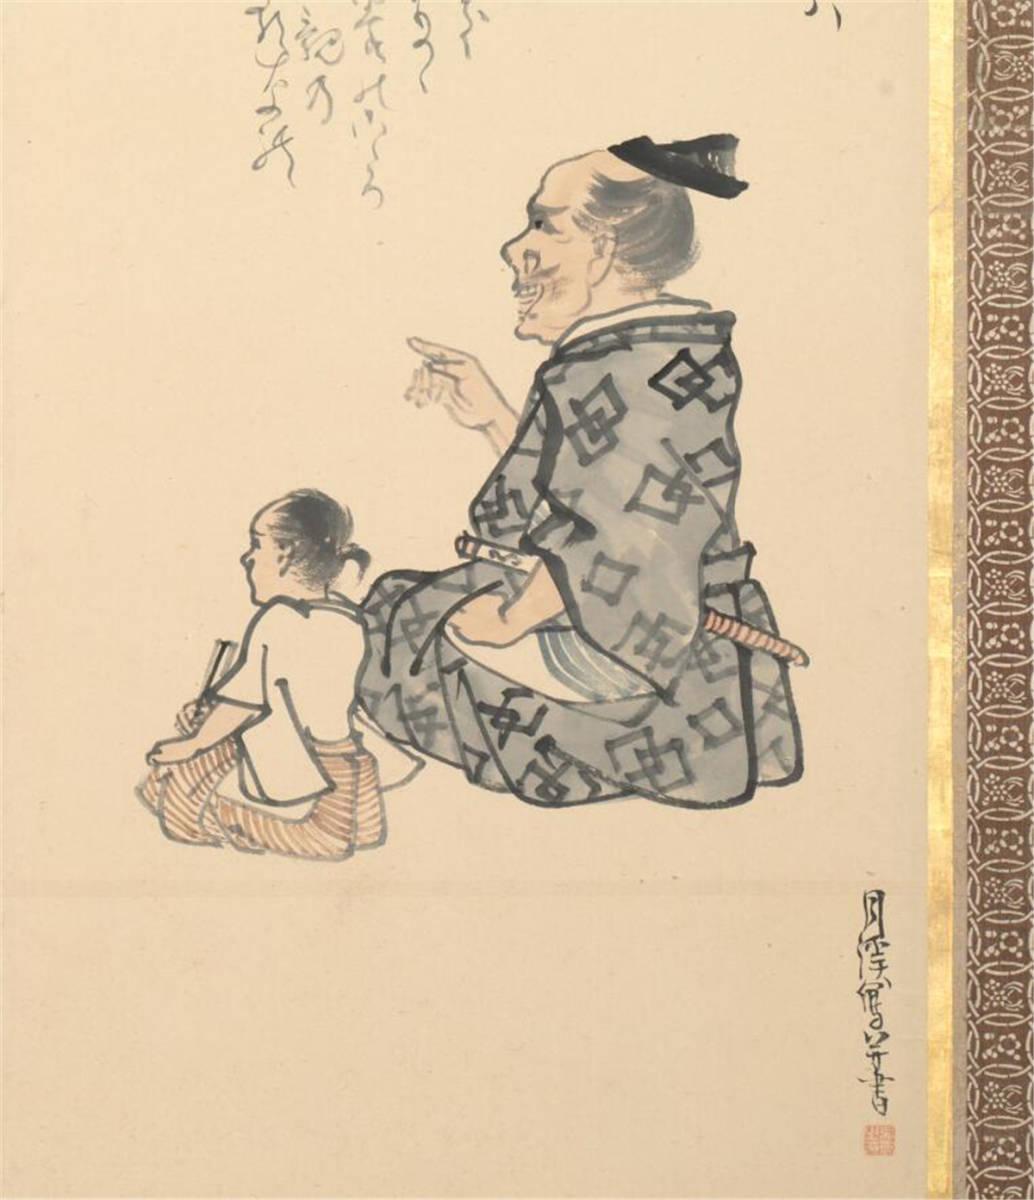 江戸後期の画家 絵画 閑散随筆146.5 *330.7cm_画像10